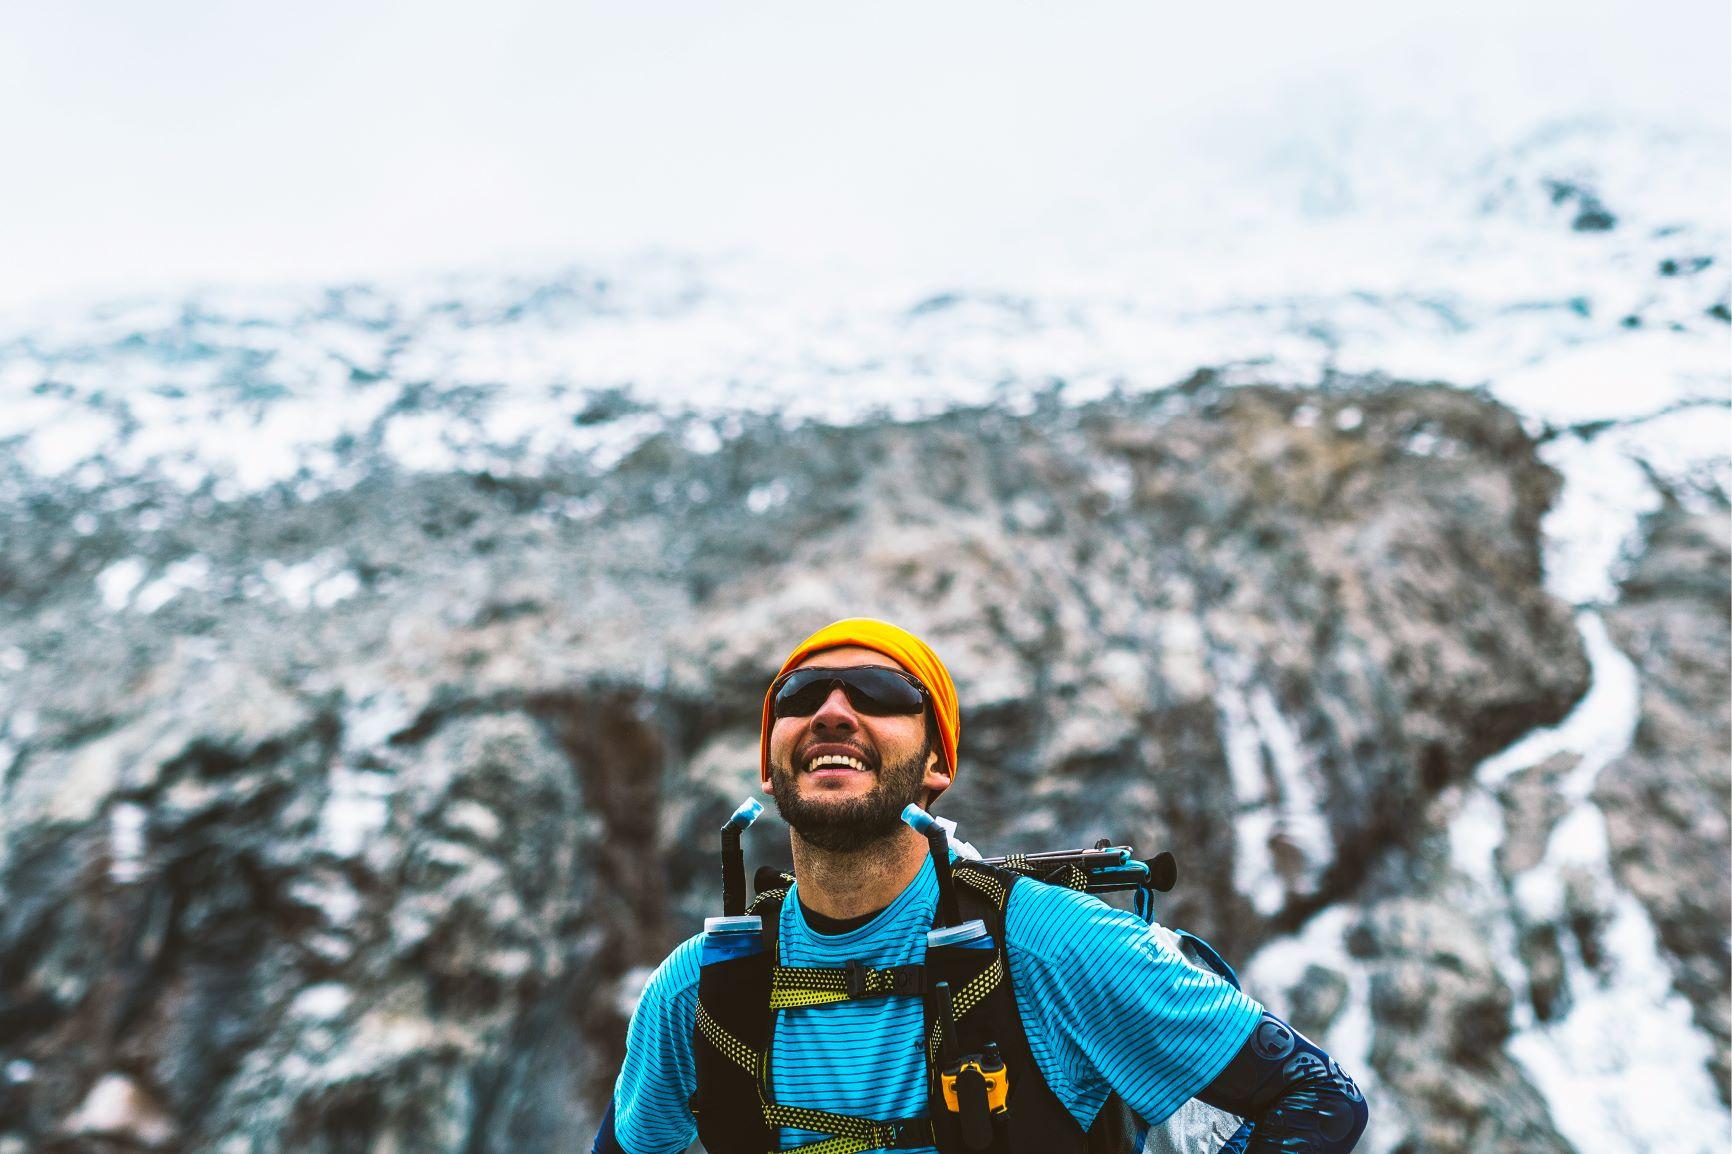 Warum Trailrunning?